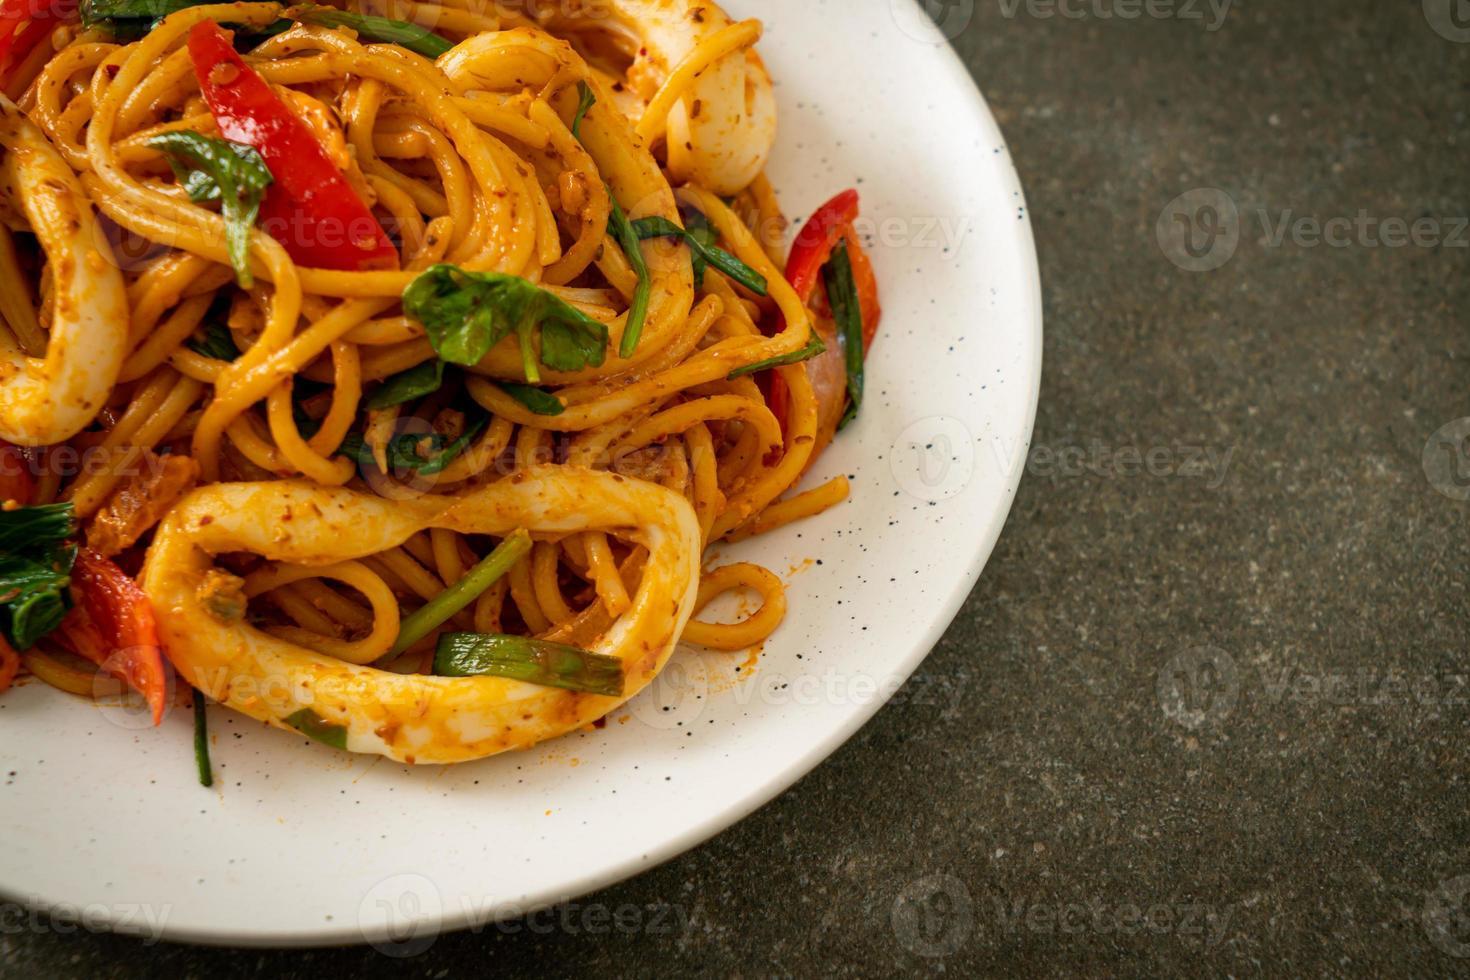 espaguete frito com ovo salgado e lula foto